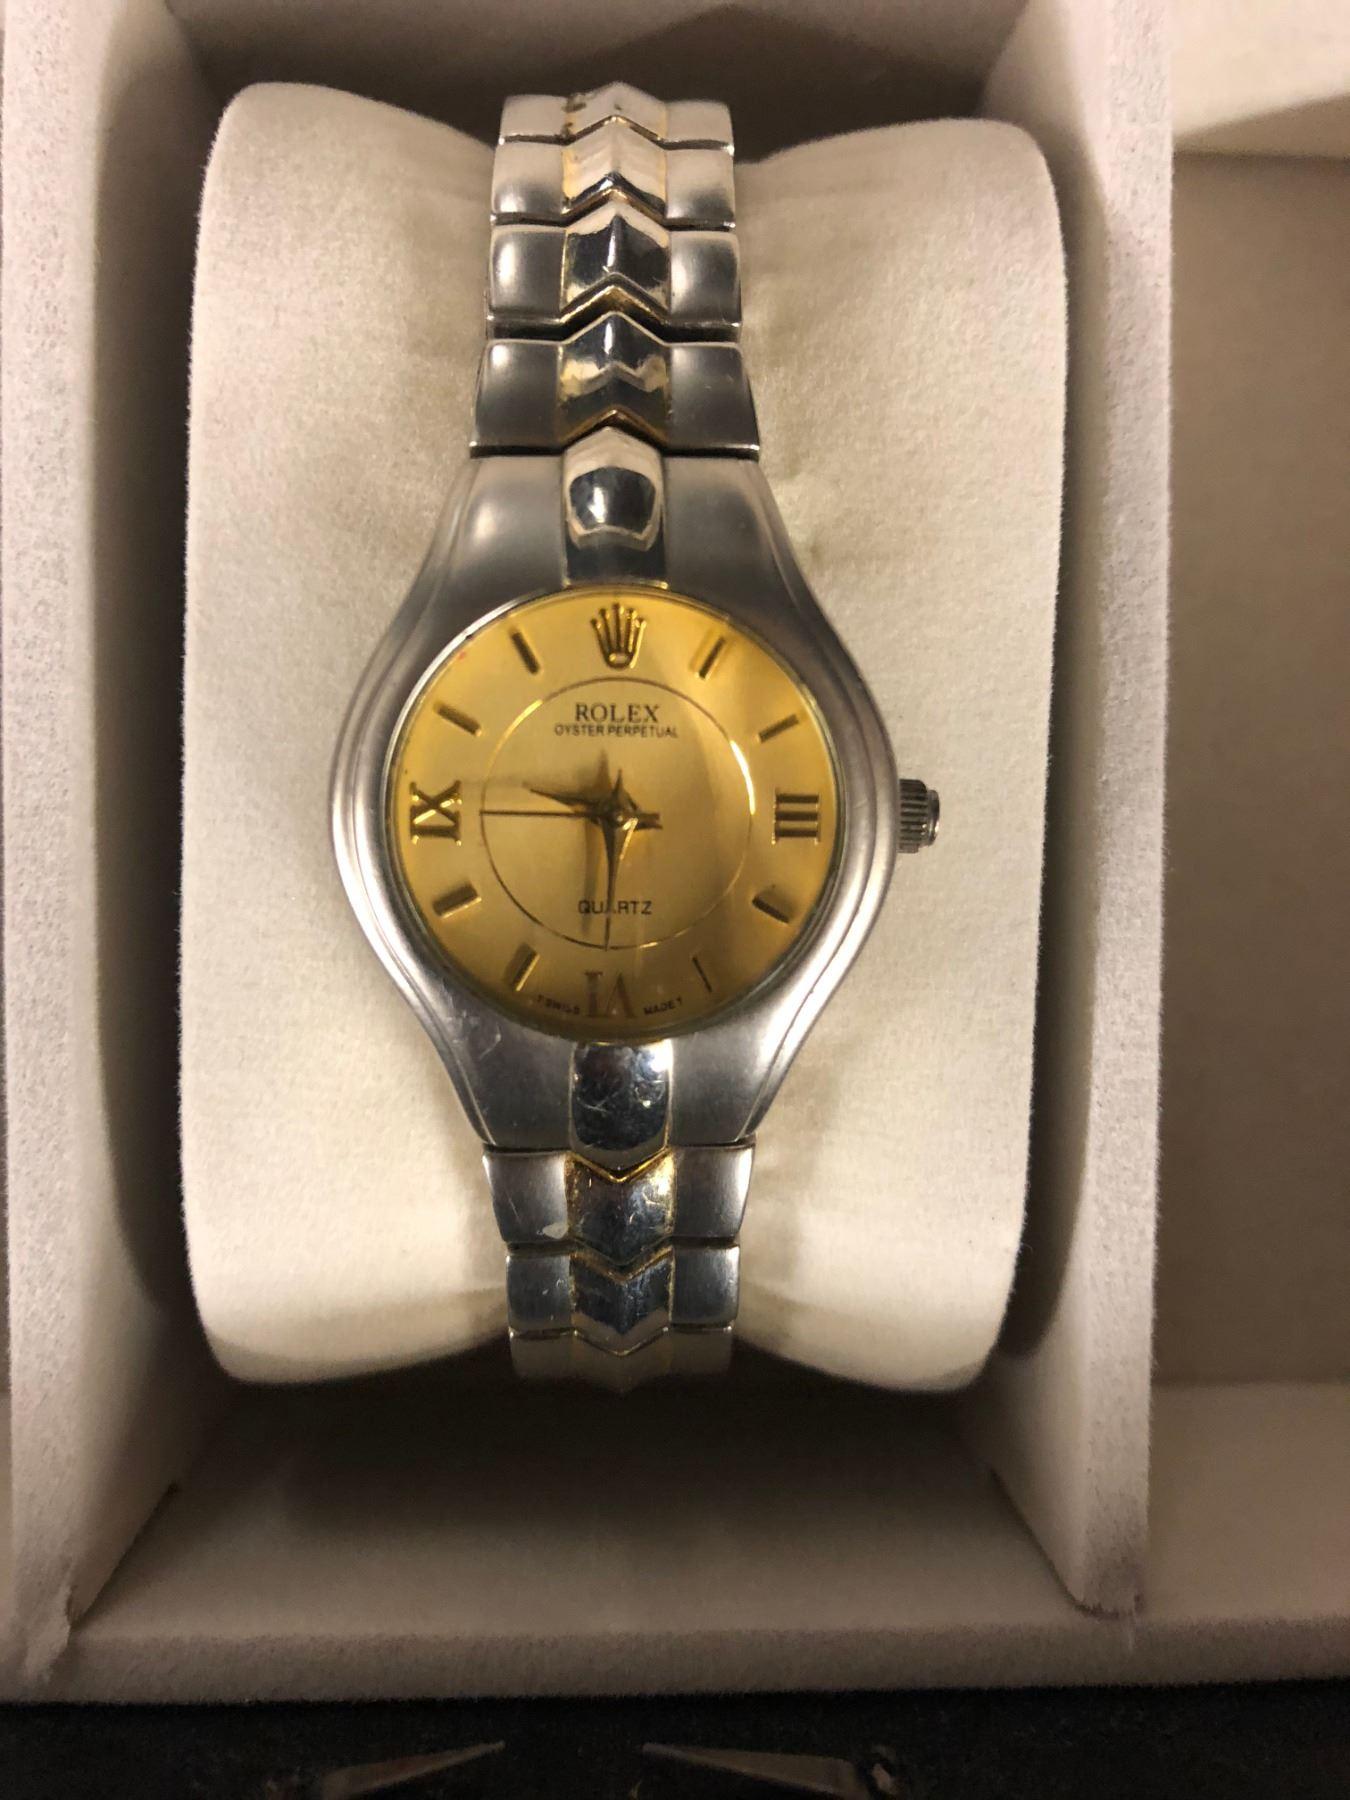 Rolex Oyster Perpetual Quartz Wrist Watch Replica